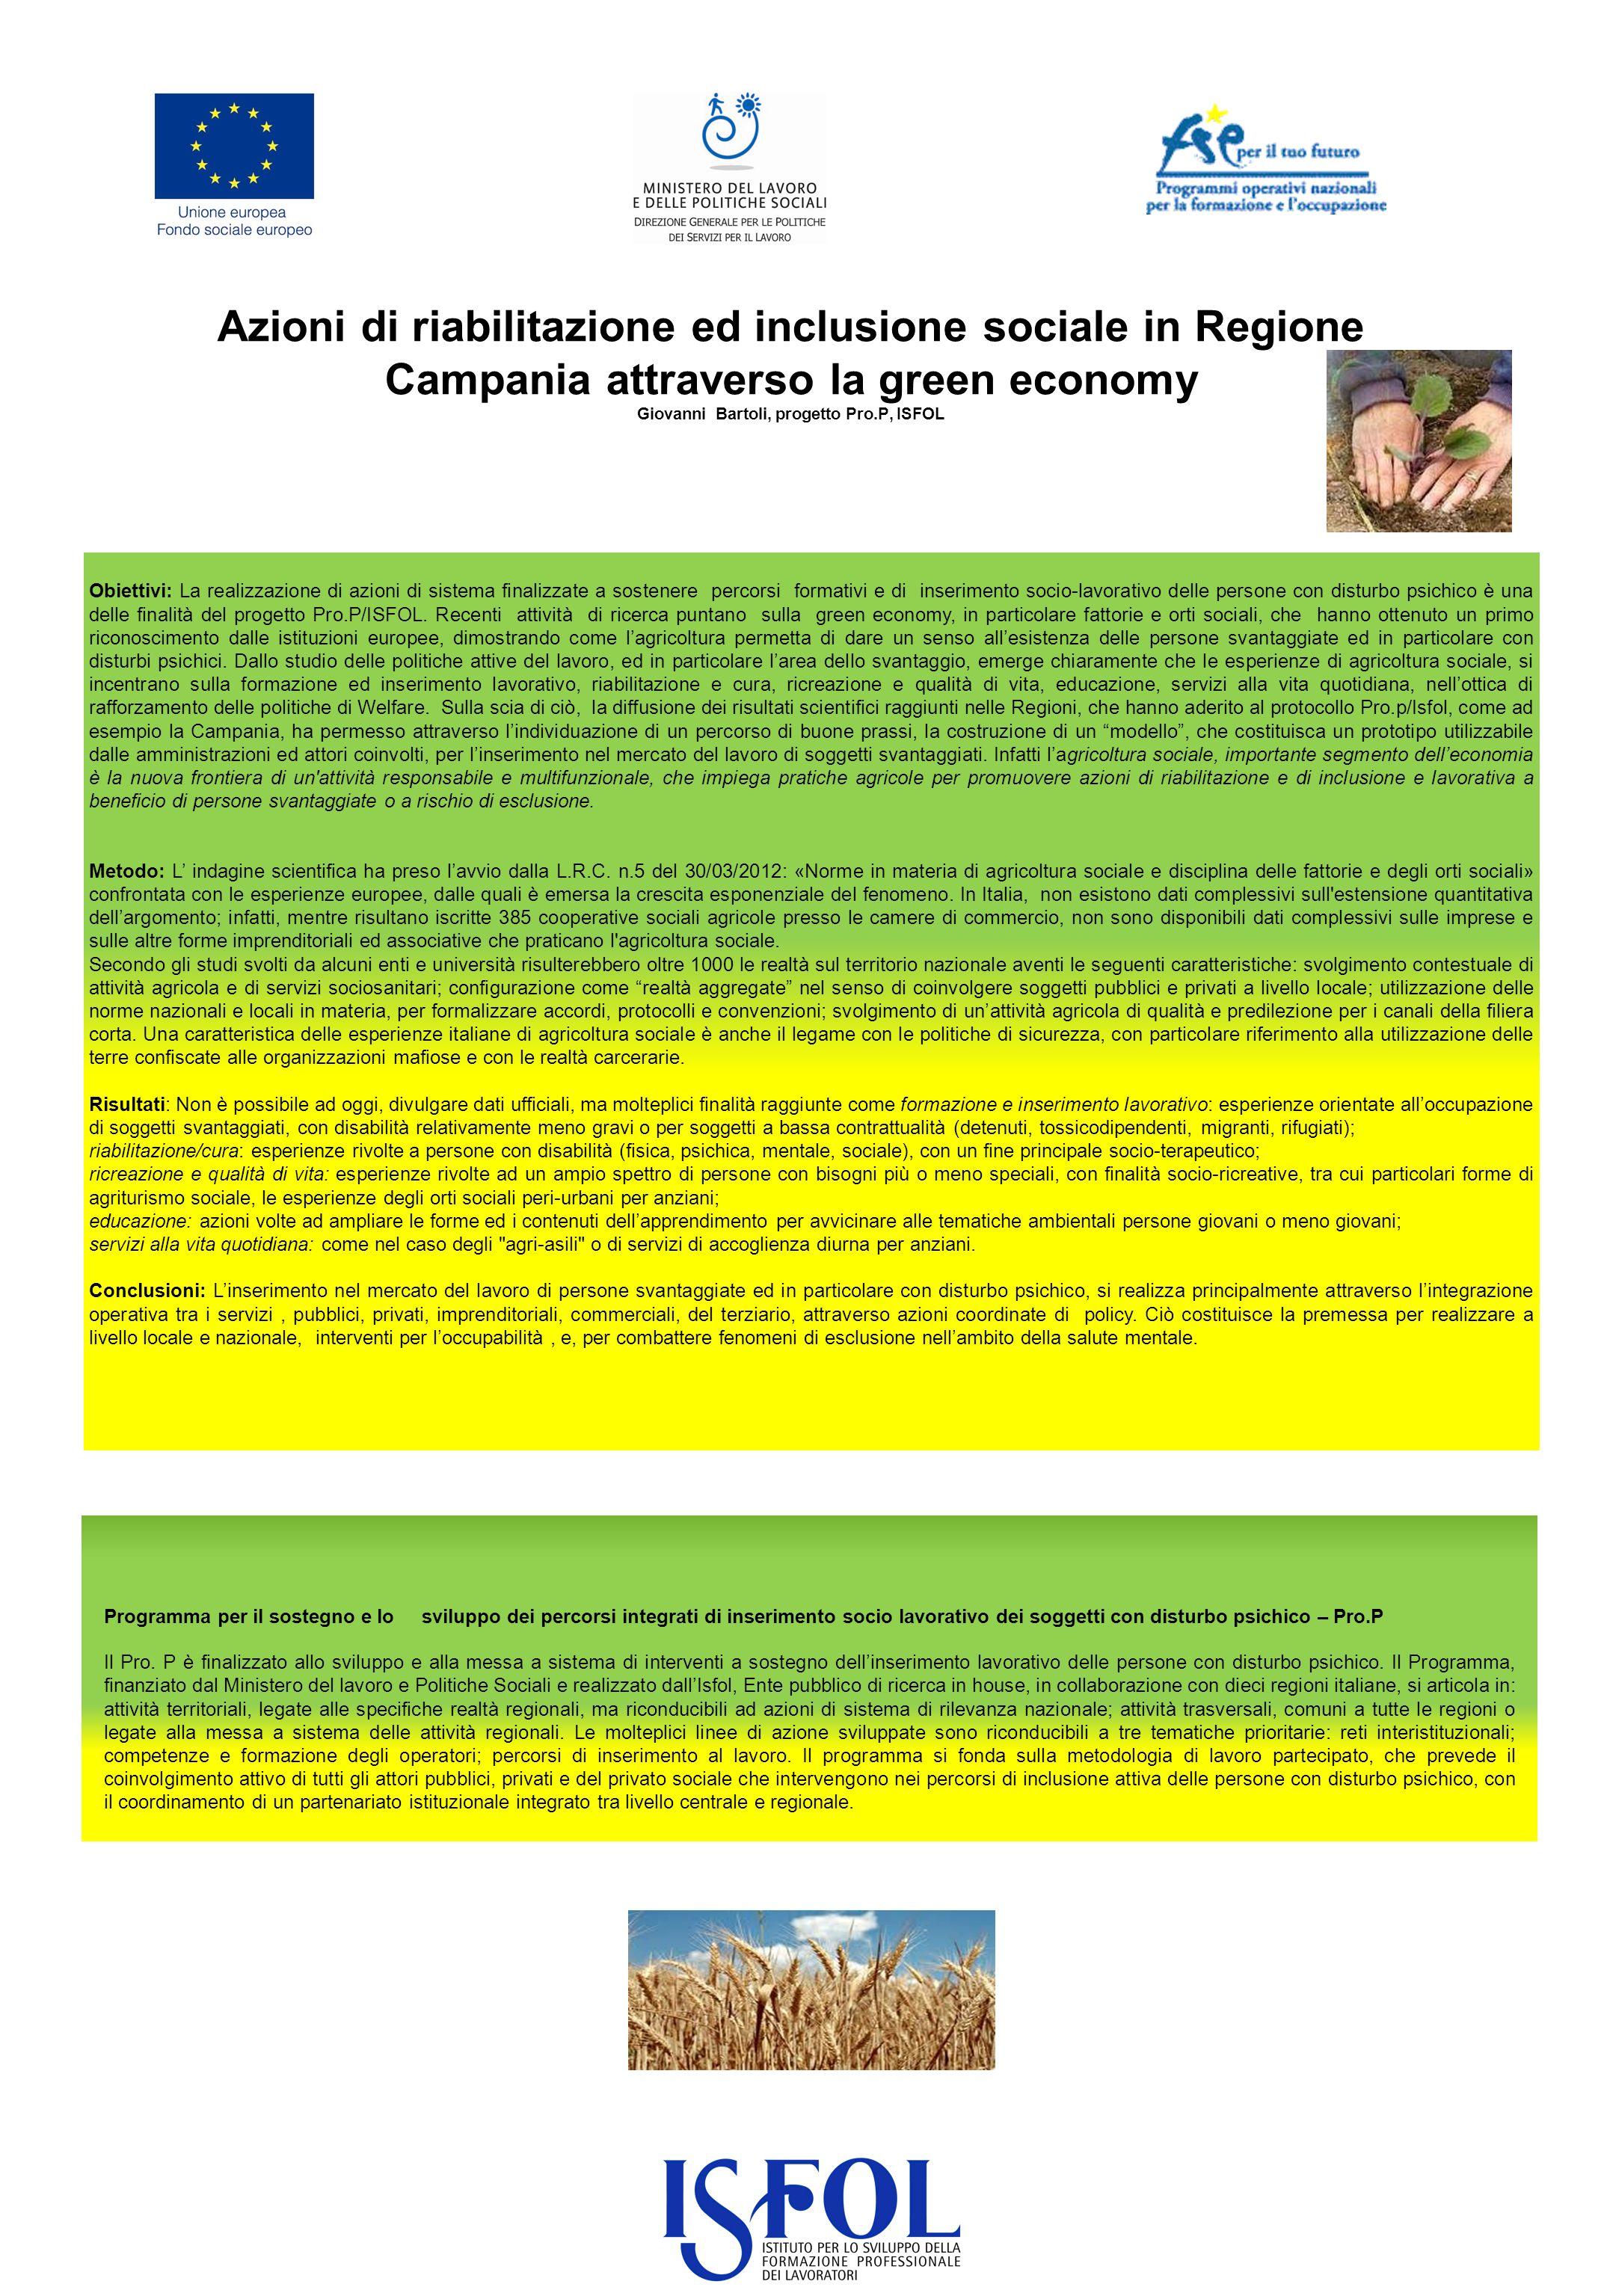 Azioni di riabilitazione ed inclusione sociale in Regione Campania attraverso la green economy Giovanni Bartoli, progetto Pro.P, ISFOL